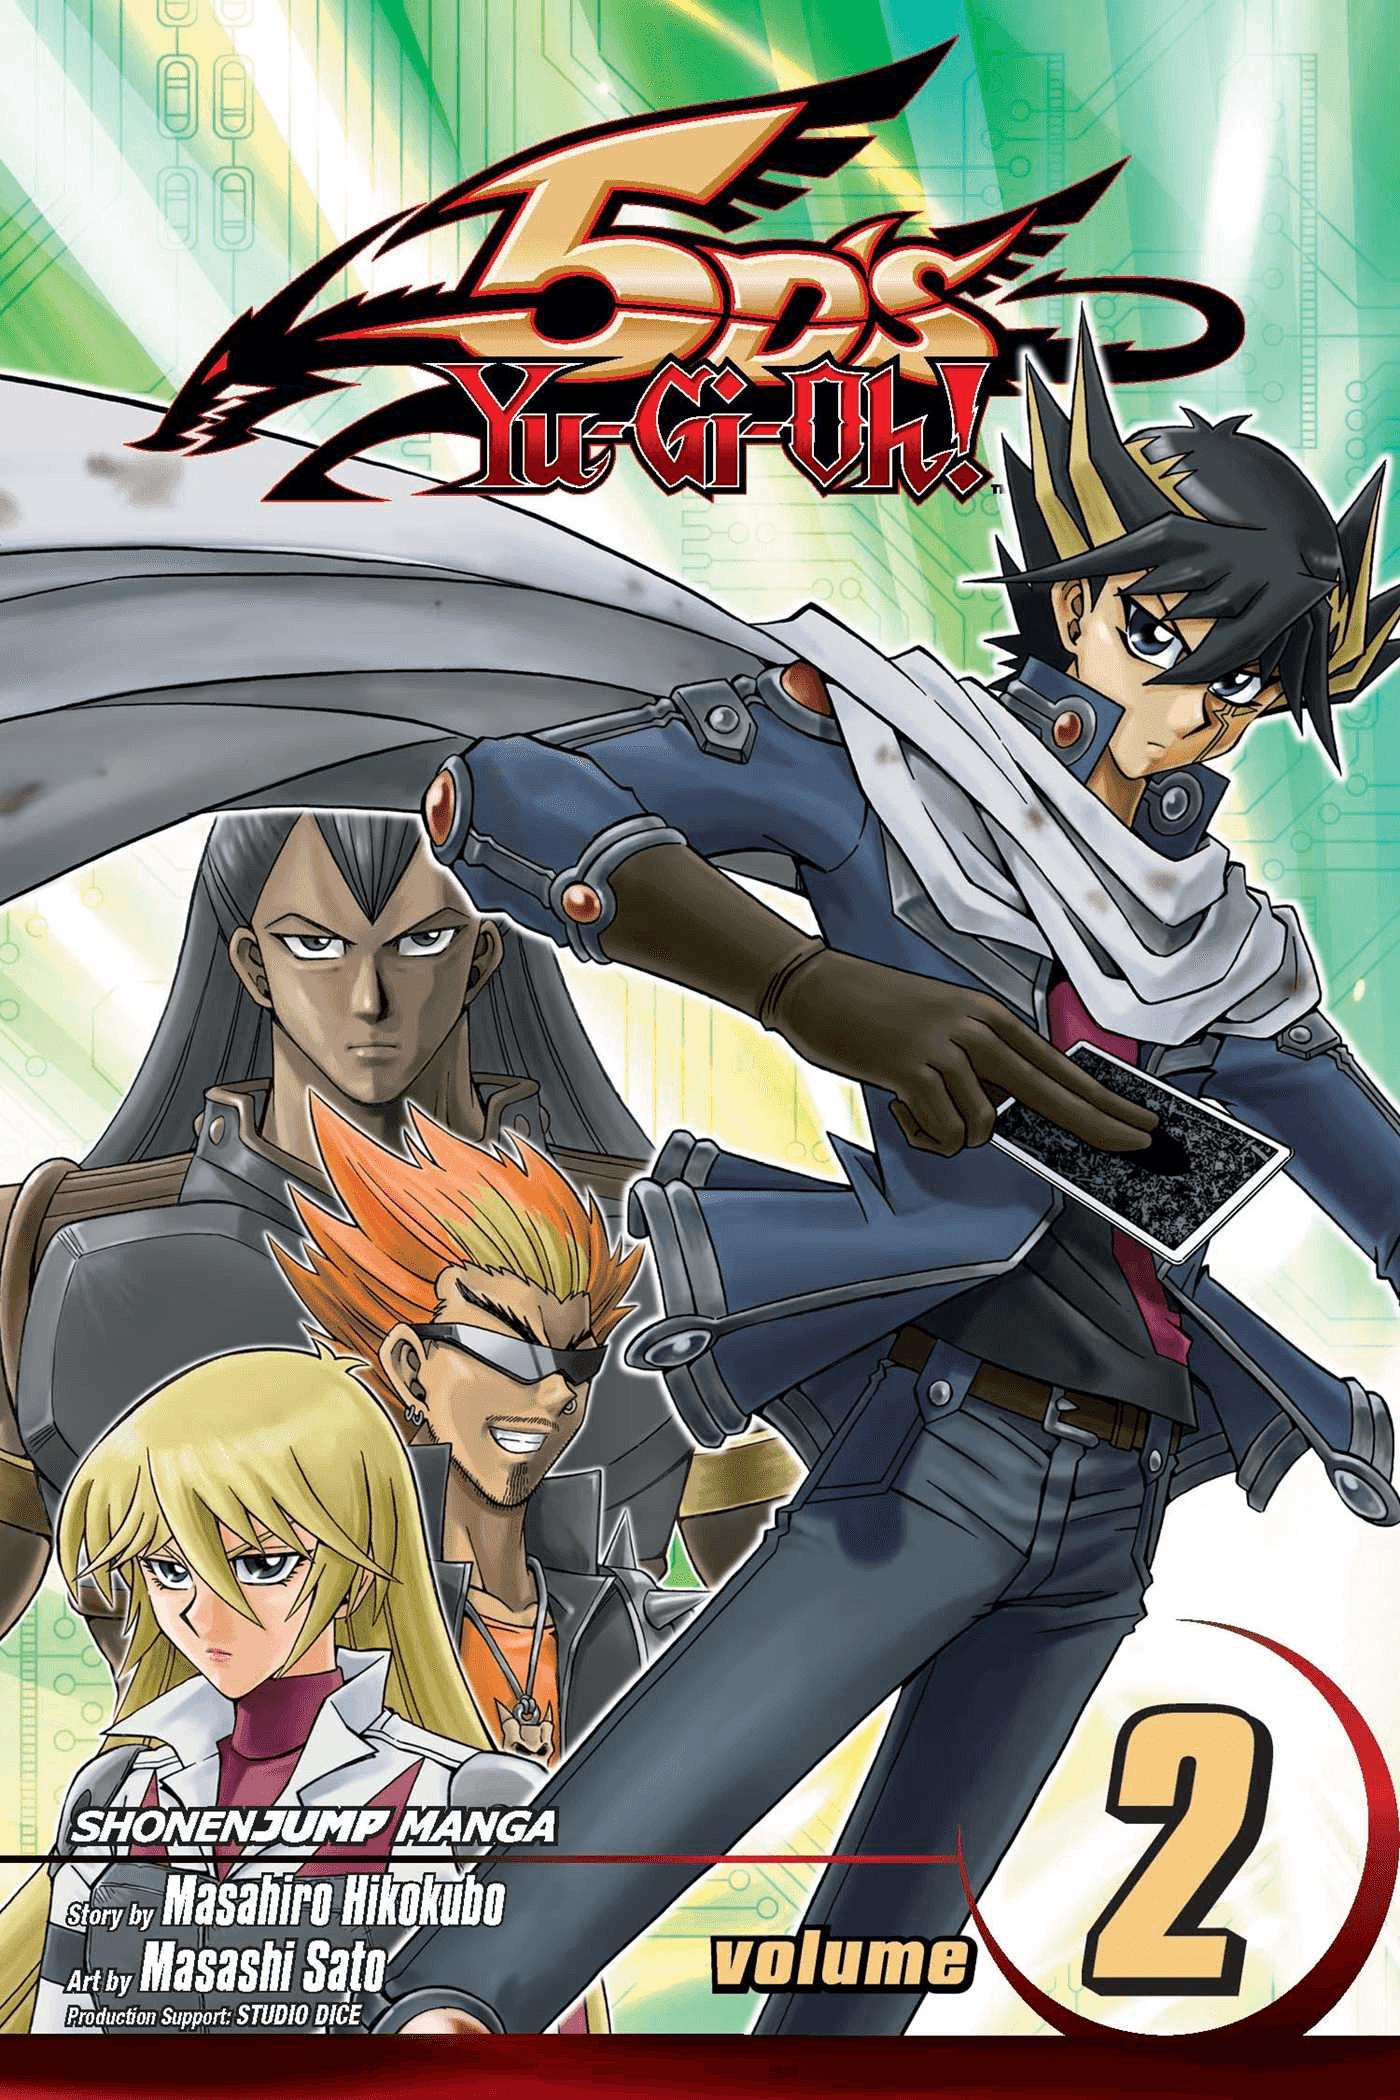 <i>Yu-Gi-Oh! 5D's</i> Volume 2